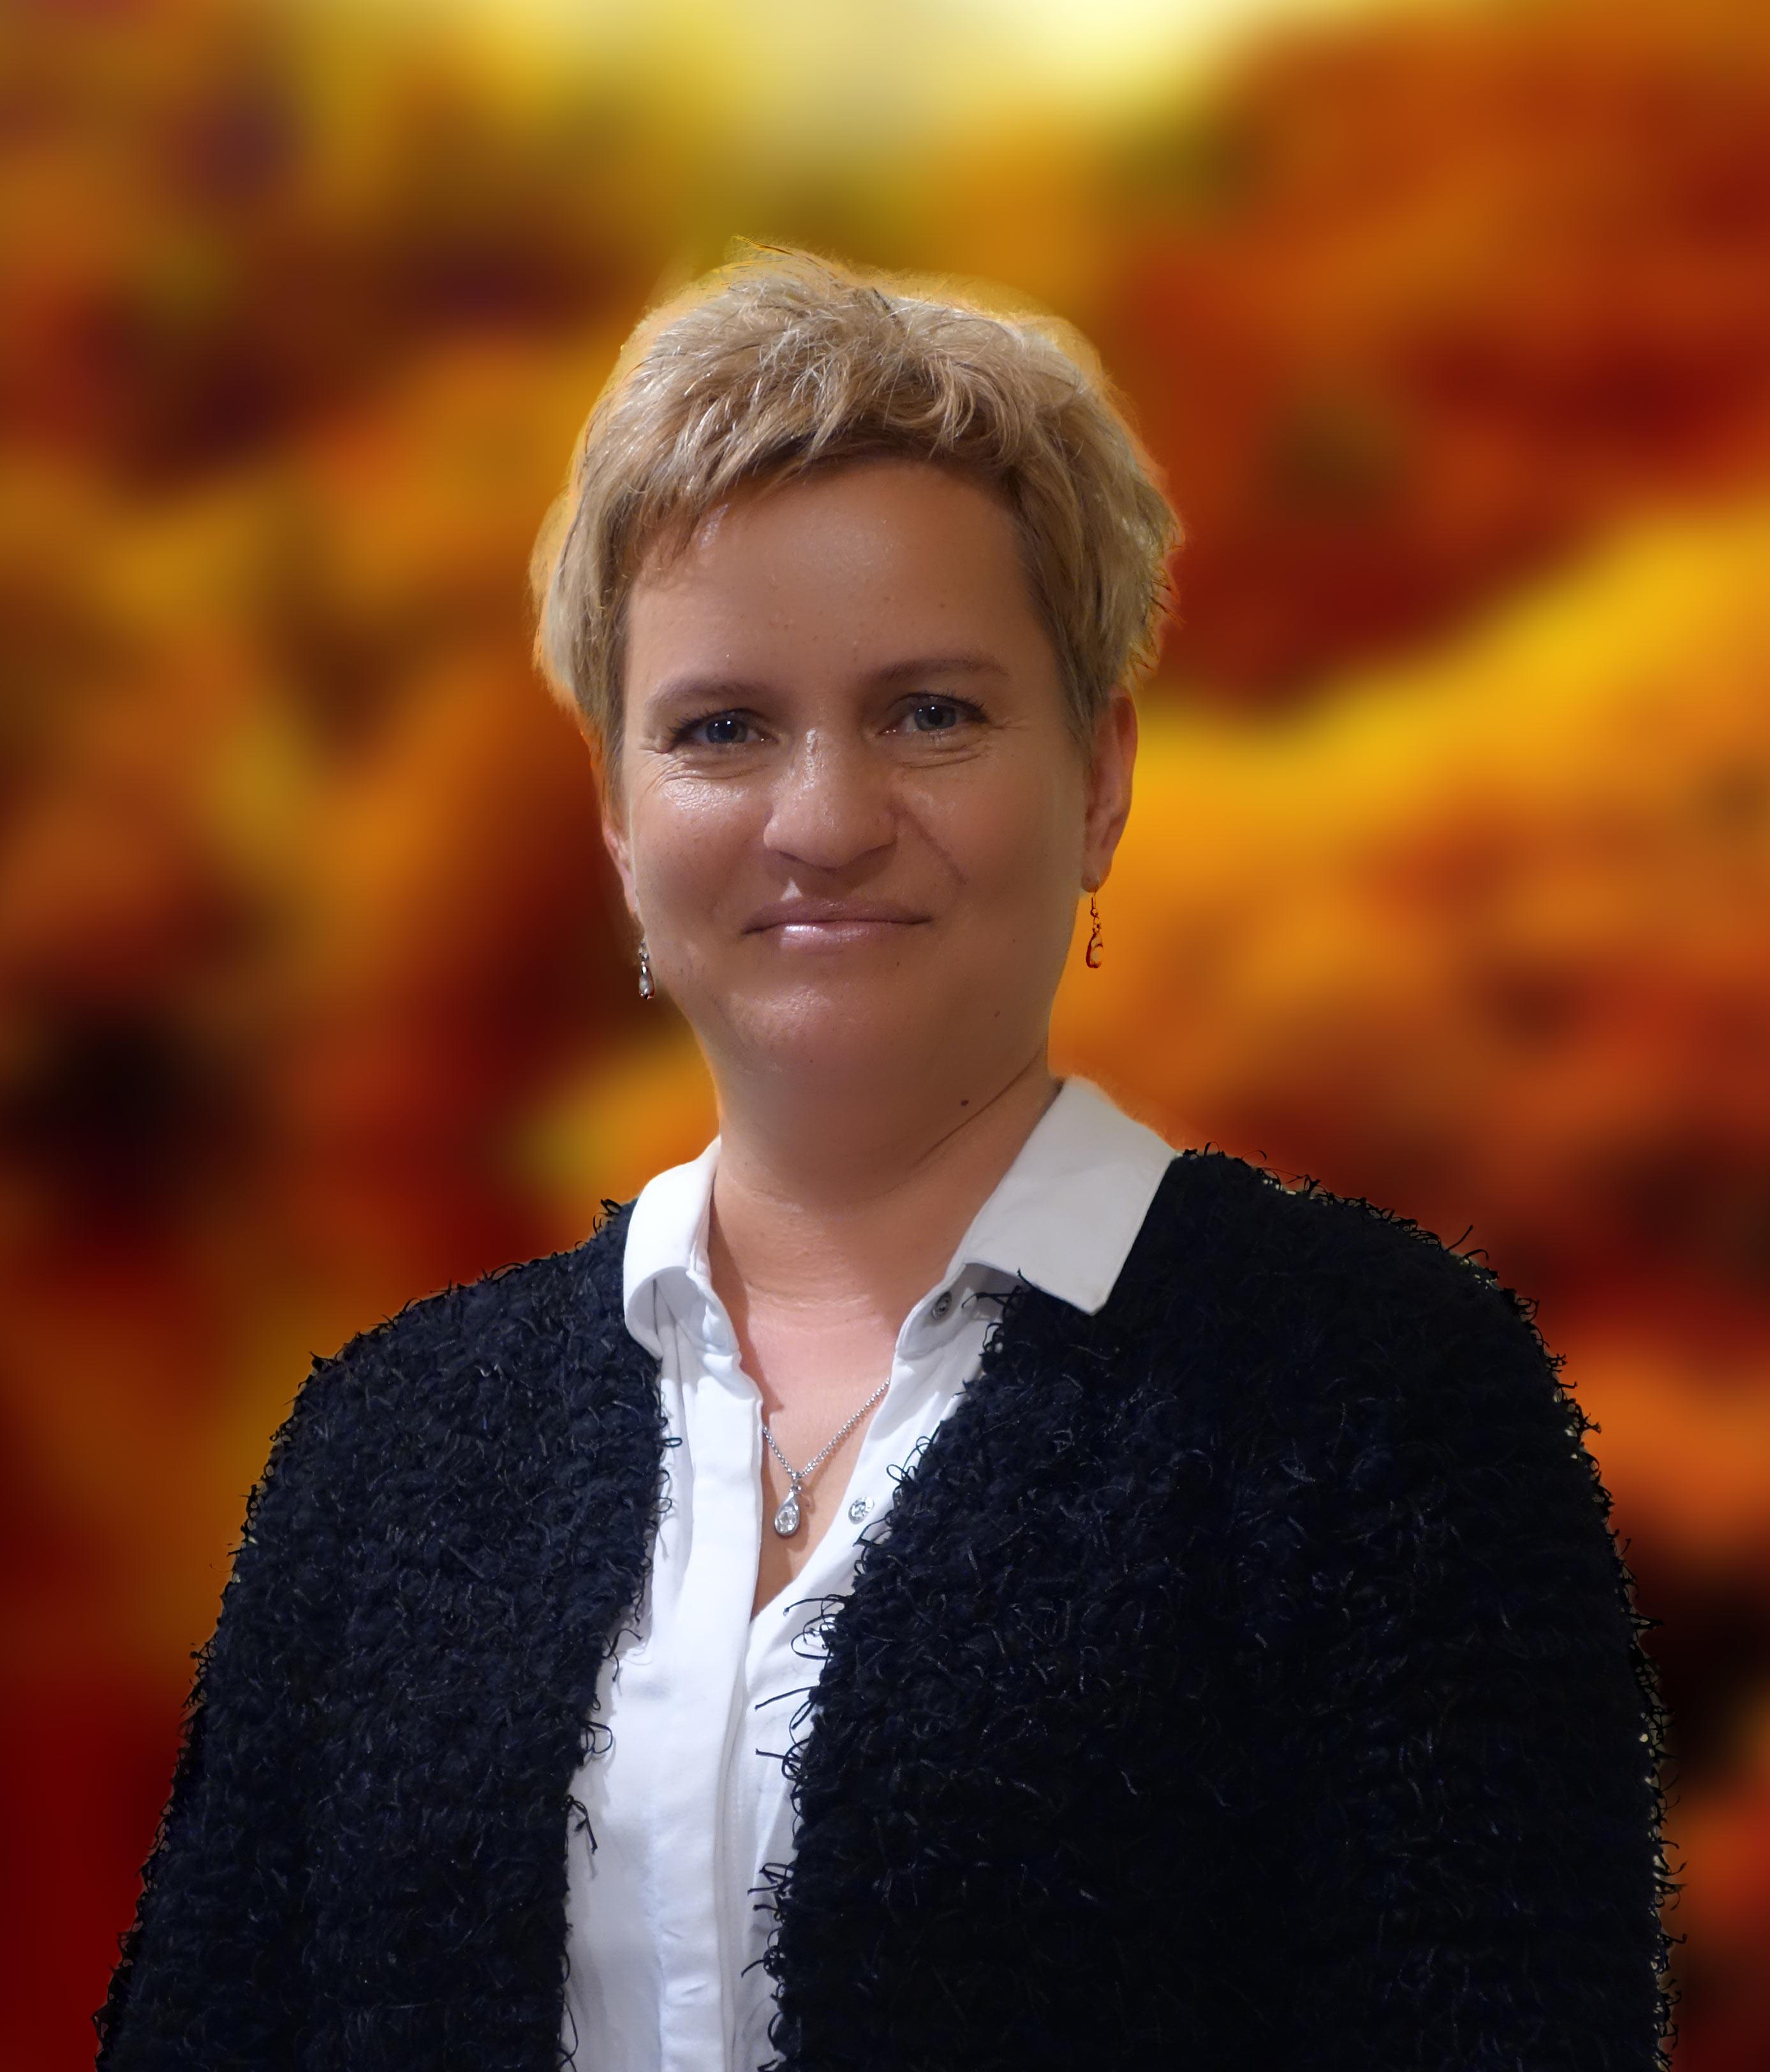 Izabela Kasprowicz